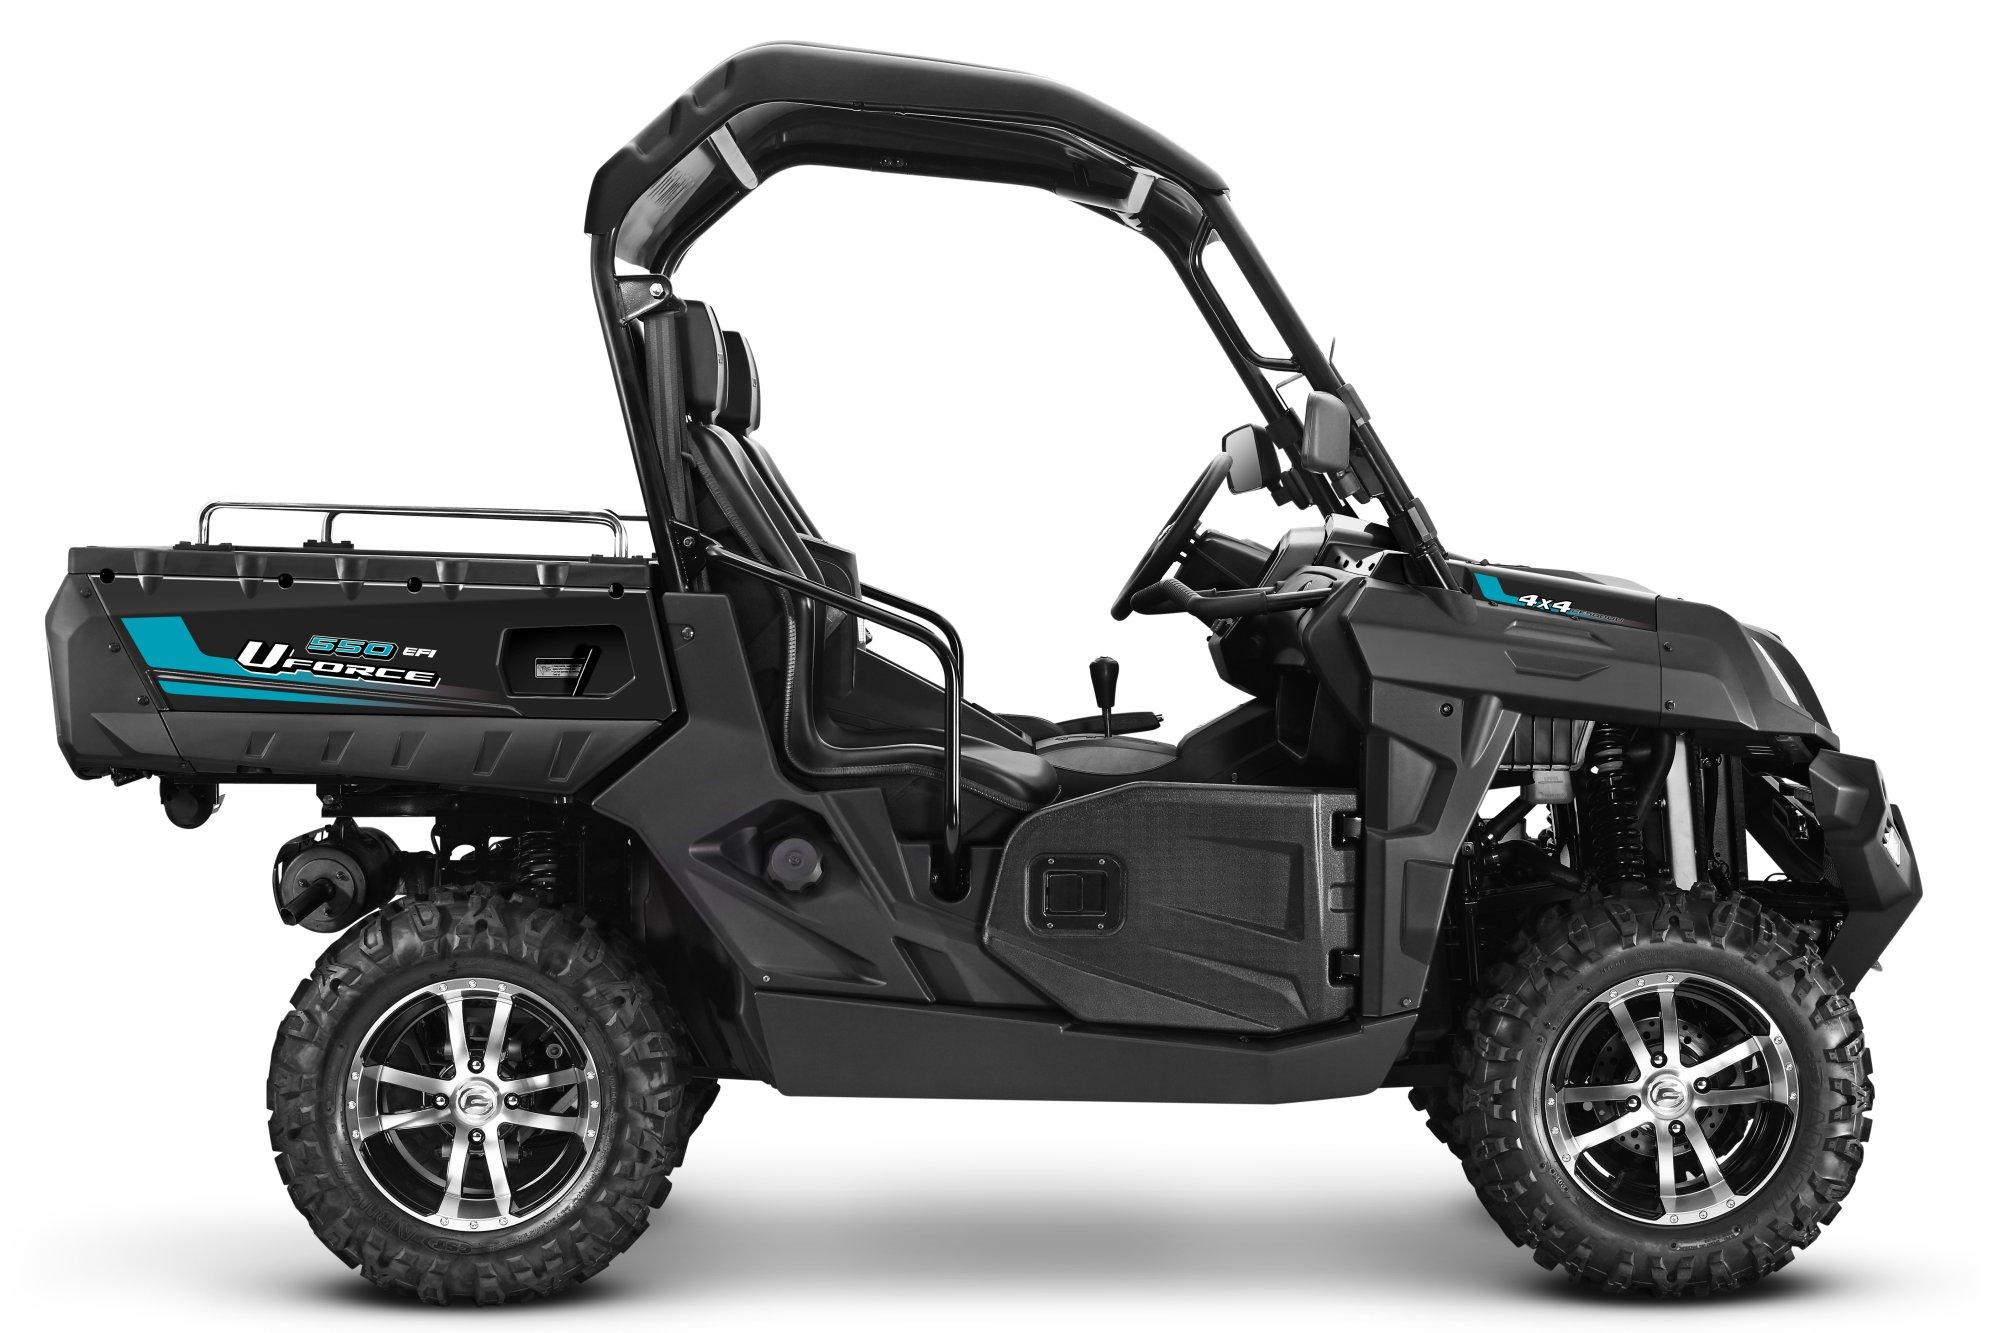 gebrauchte und neue cf moto uforce 550 efi 4x4 motorr der kaufen. Black Bedroom Furniture Sets. Home Design Ideas